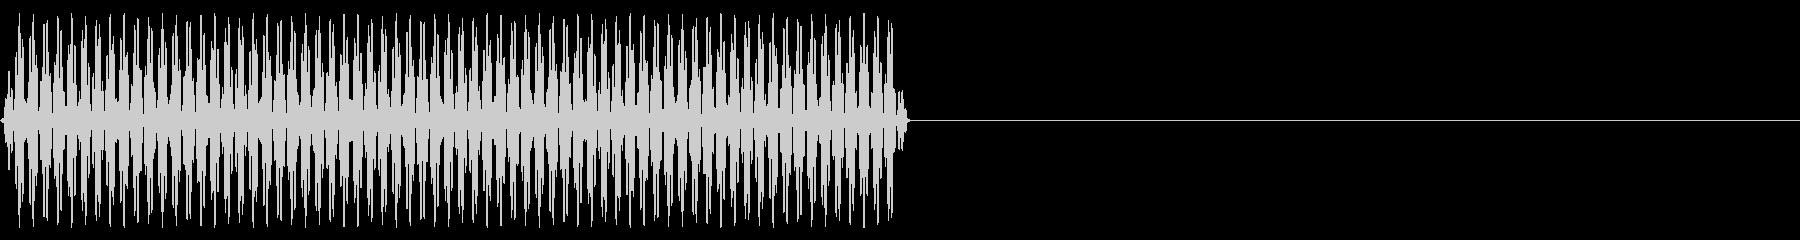 『ピッ』電話のプッシュ音(5)-単音の未再生の波形